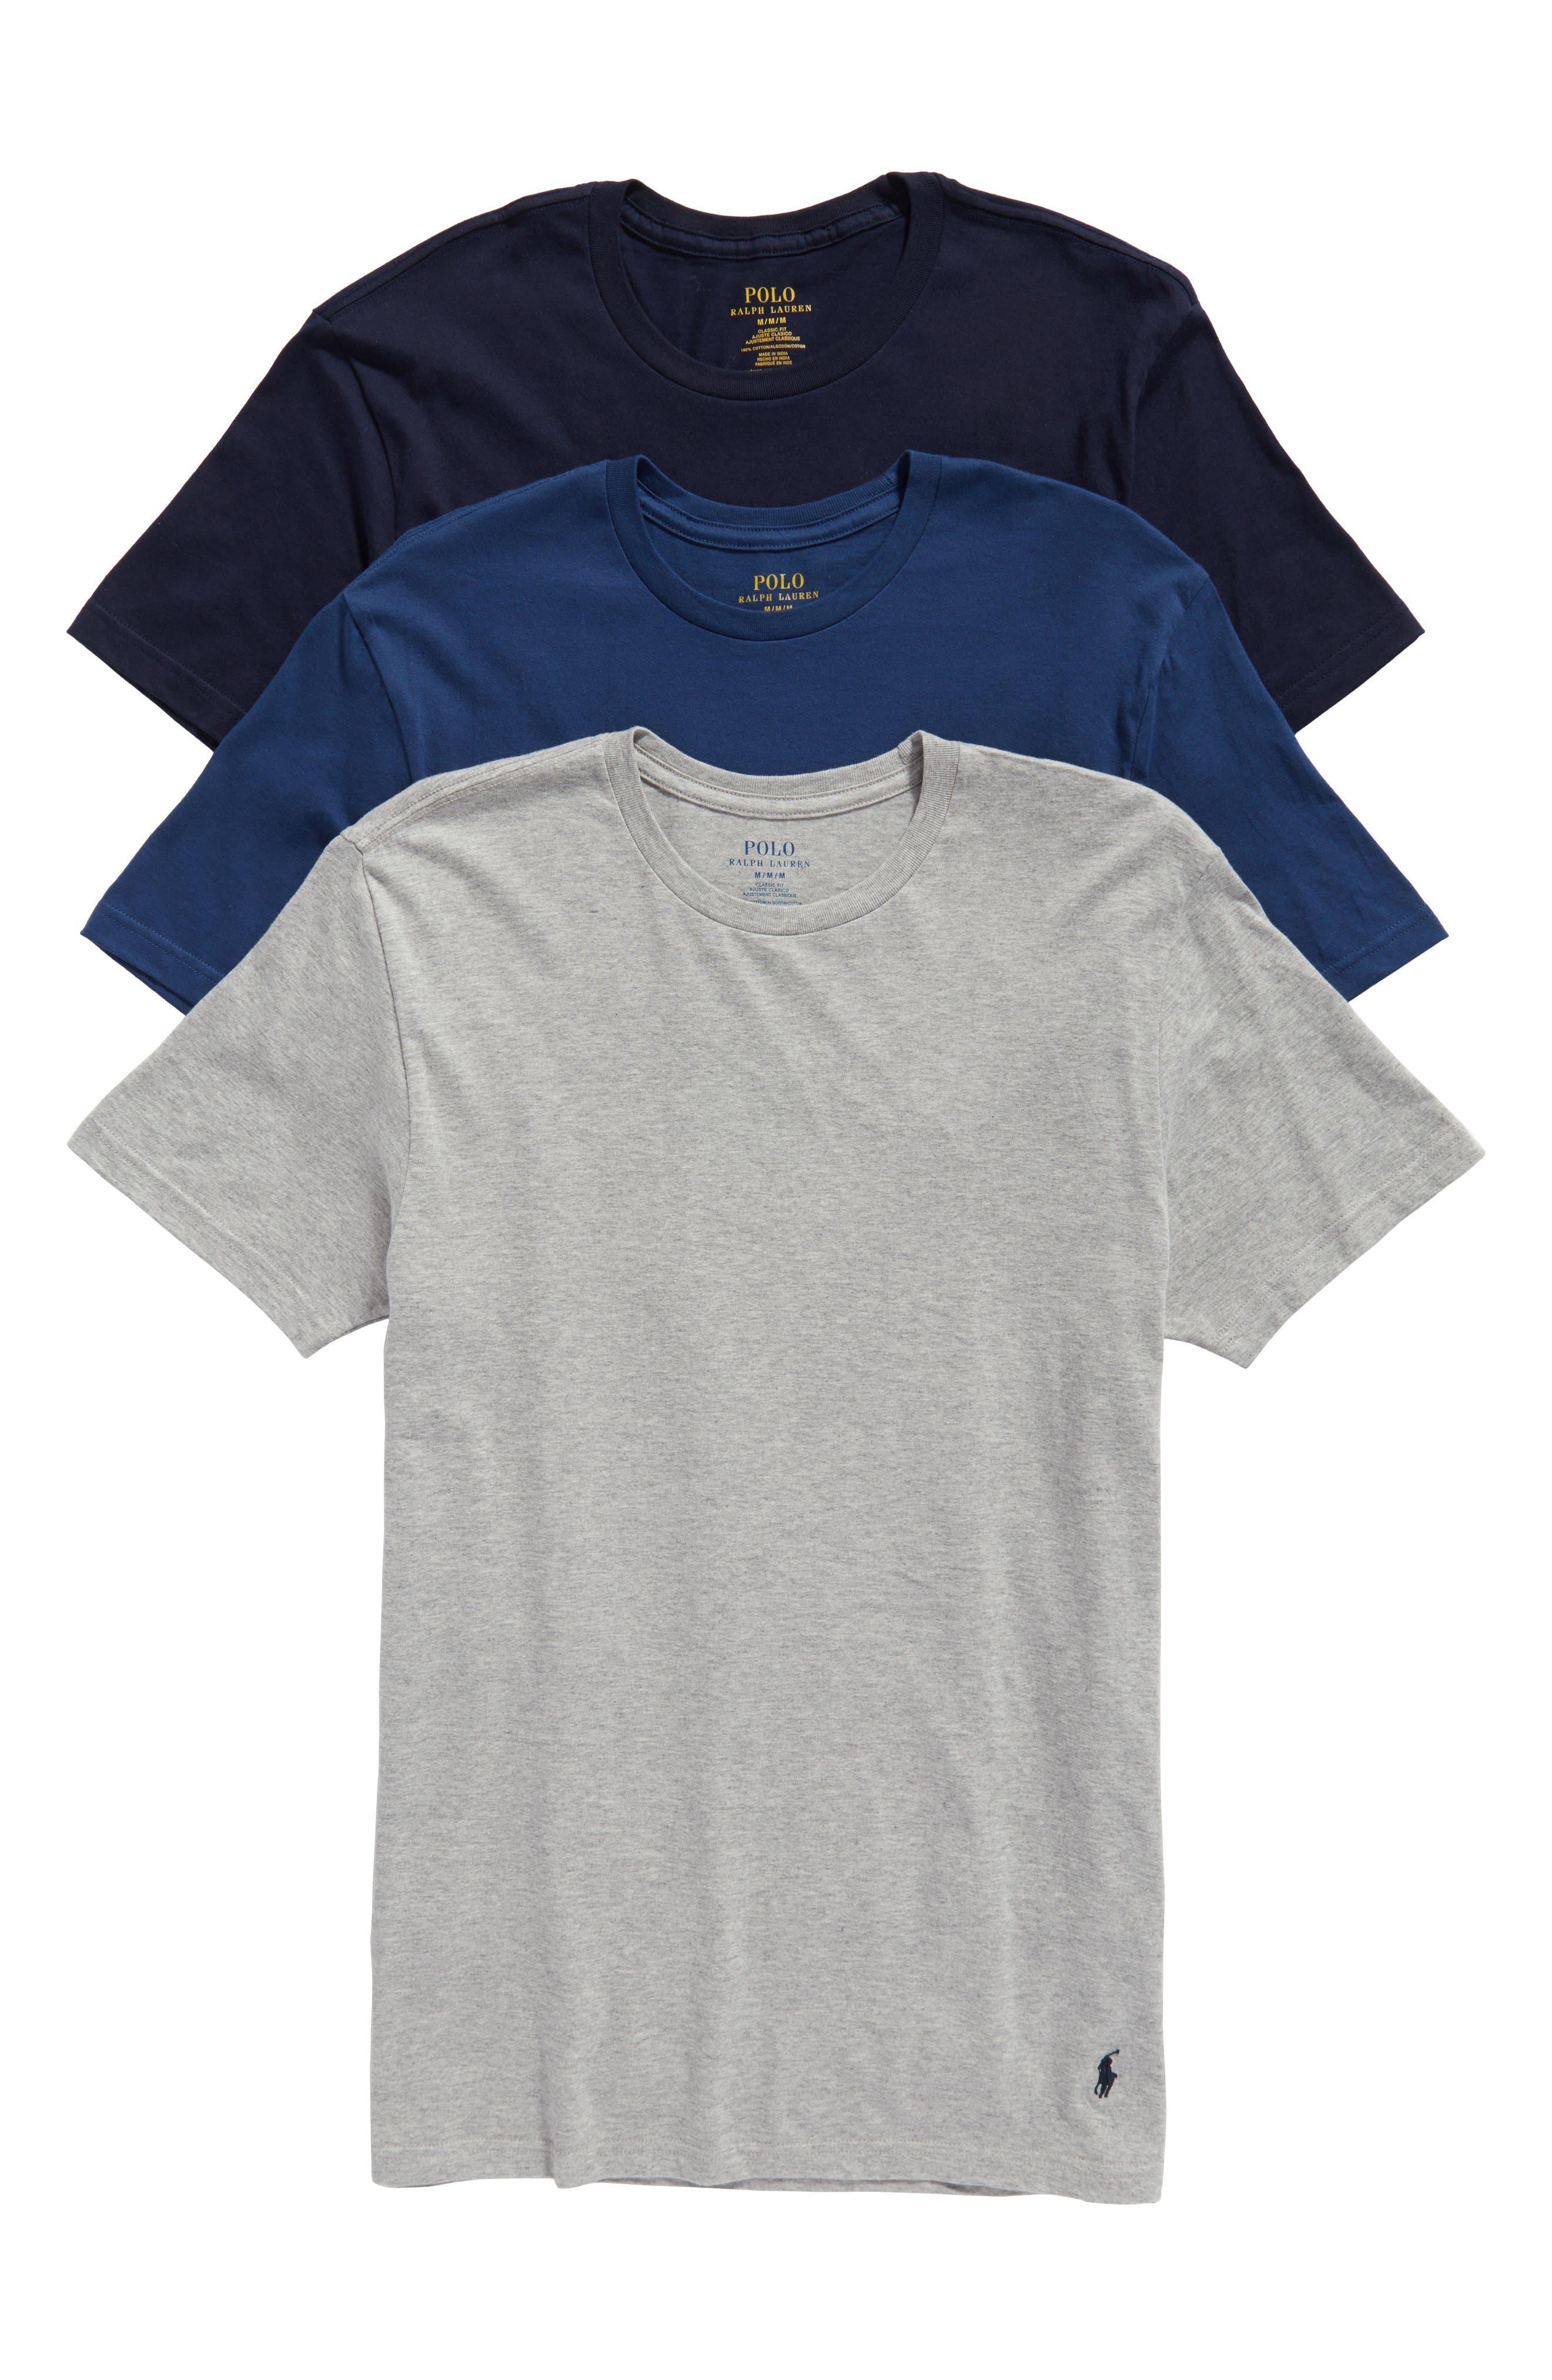 Main Image - Polo Ralph Lauren Classic Fit 3-Pack Cotton T-Shirt